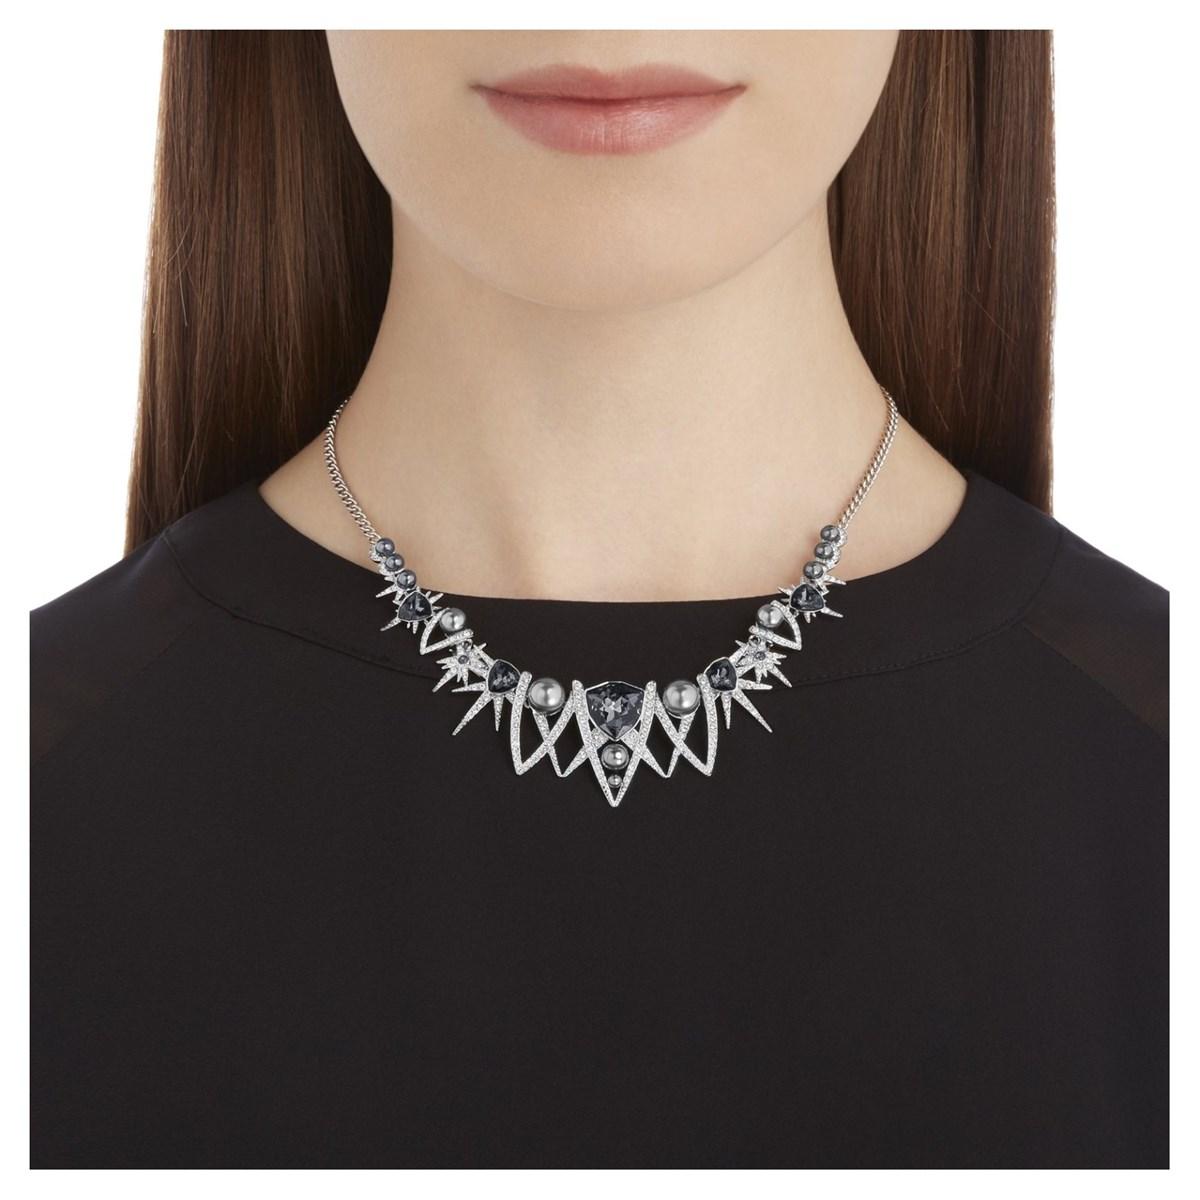 collier-swarovski-fantastic-metal-argent-cristal-perle-grise-5216630